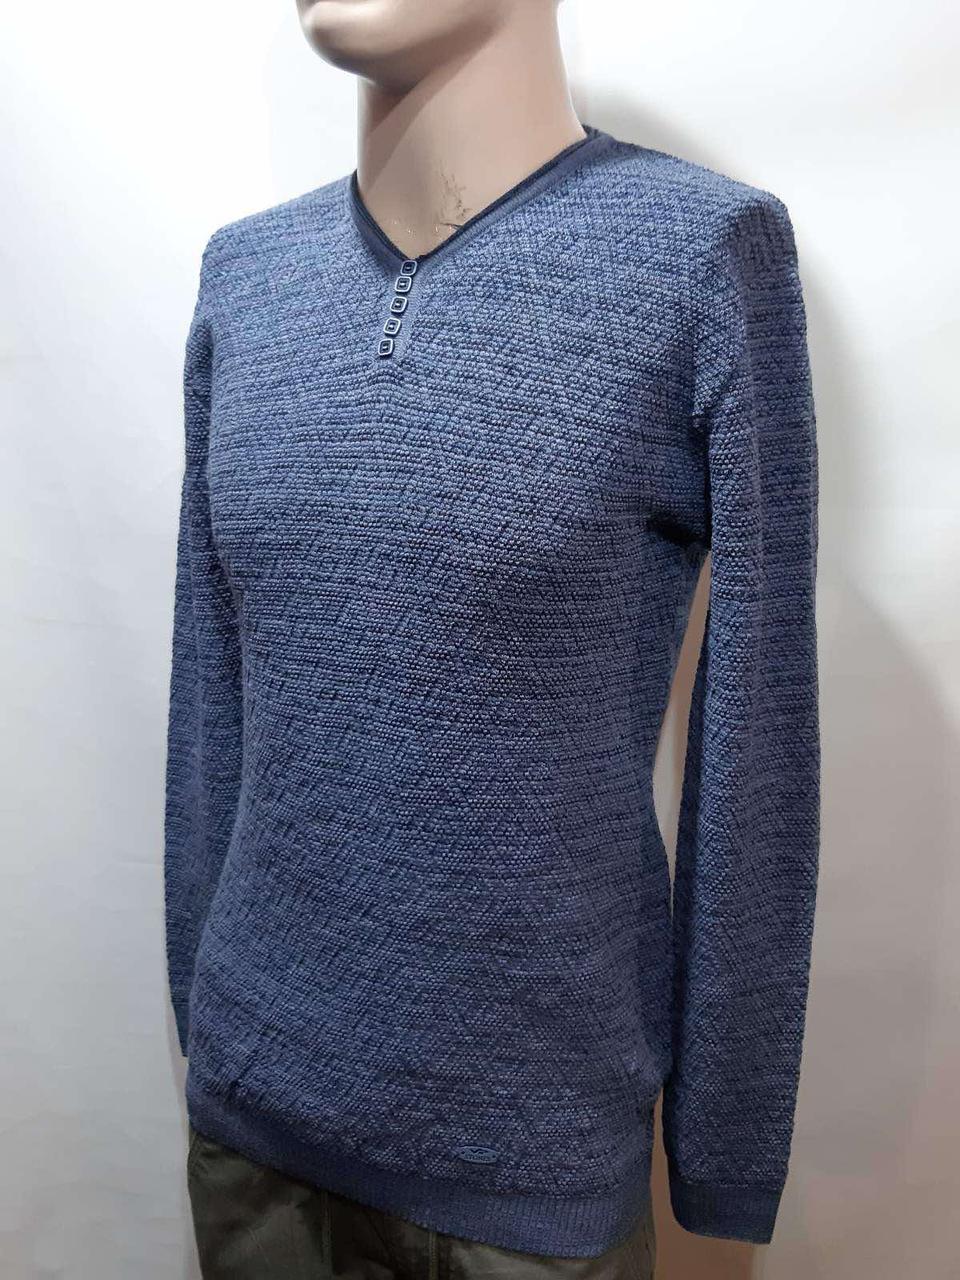 Мужской шерстяной батник весенний свитер Vip Stones кофта отличного качества Турция Синий